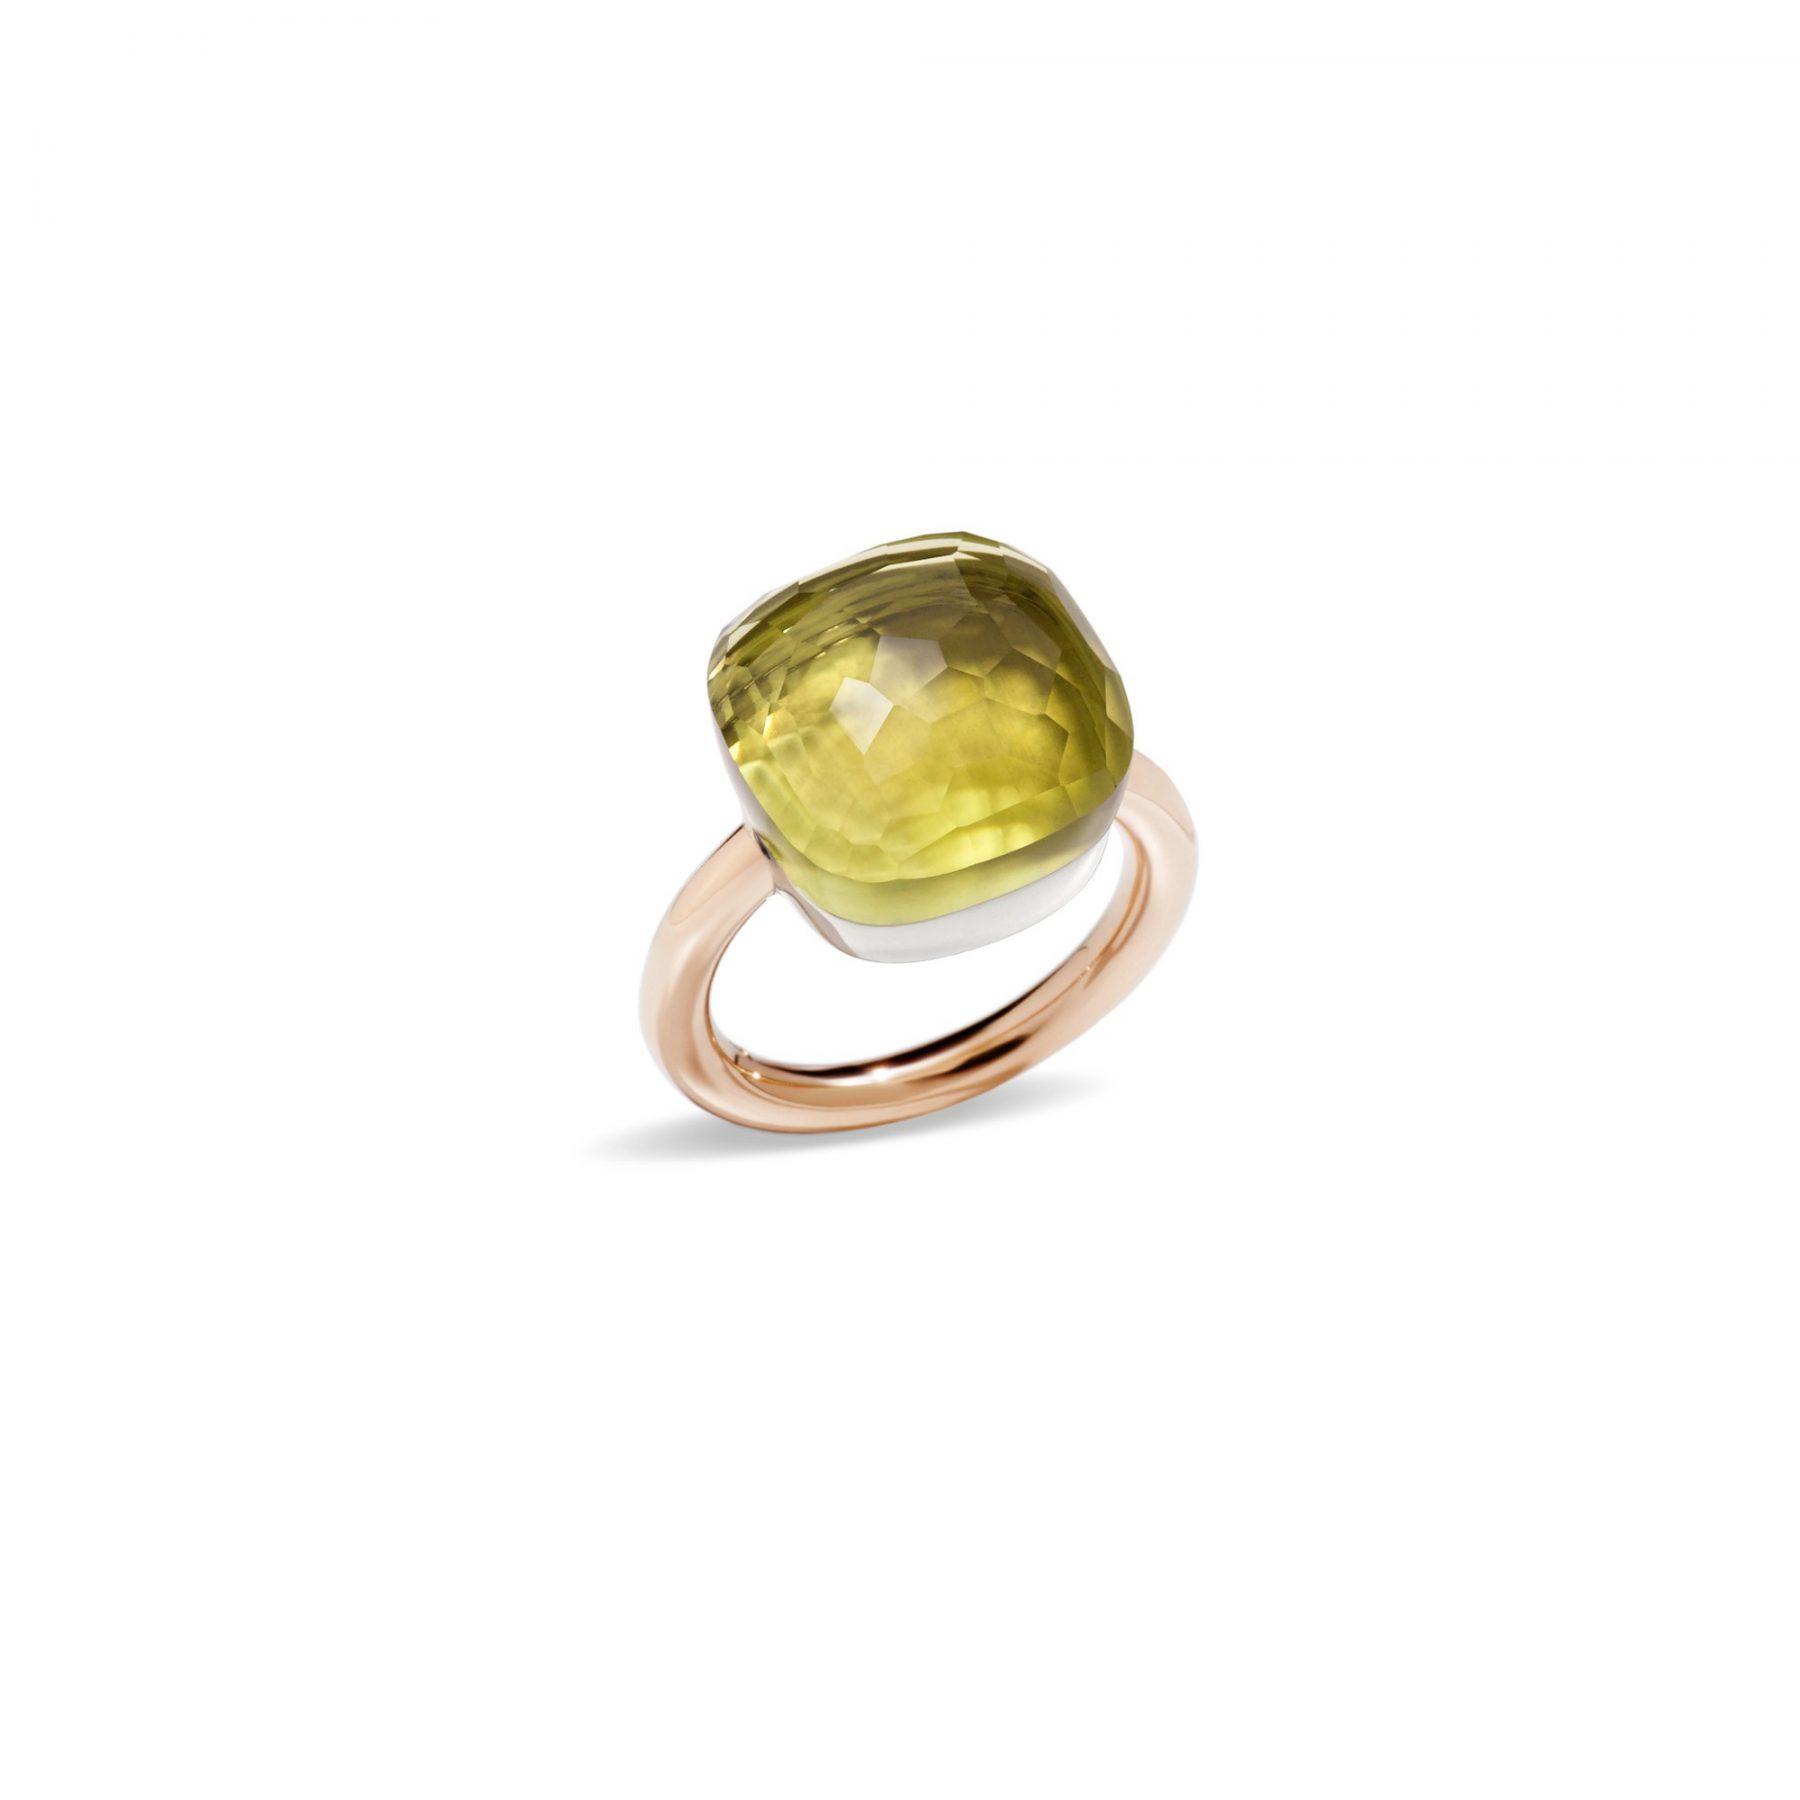 Ring Nudo Assoluto Lemonquarz - Pomellato - A.B704MO6/QL